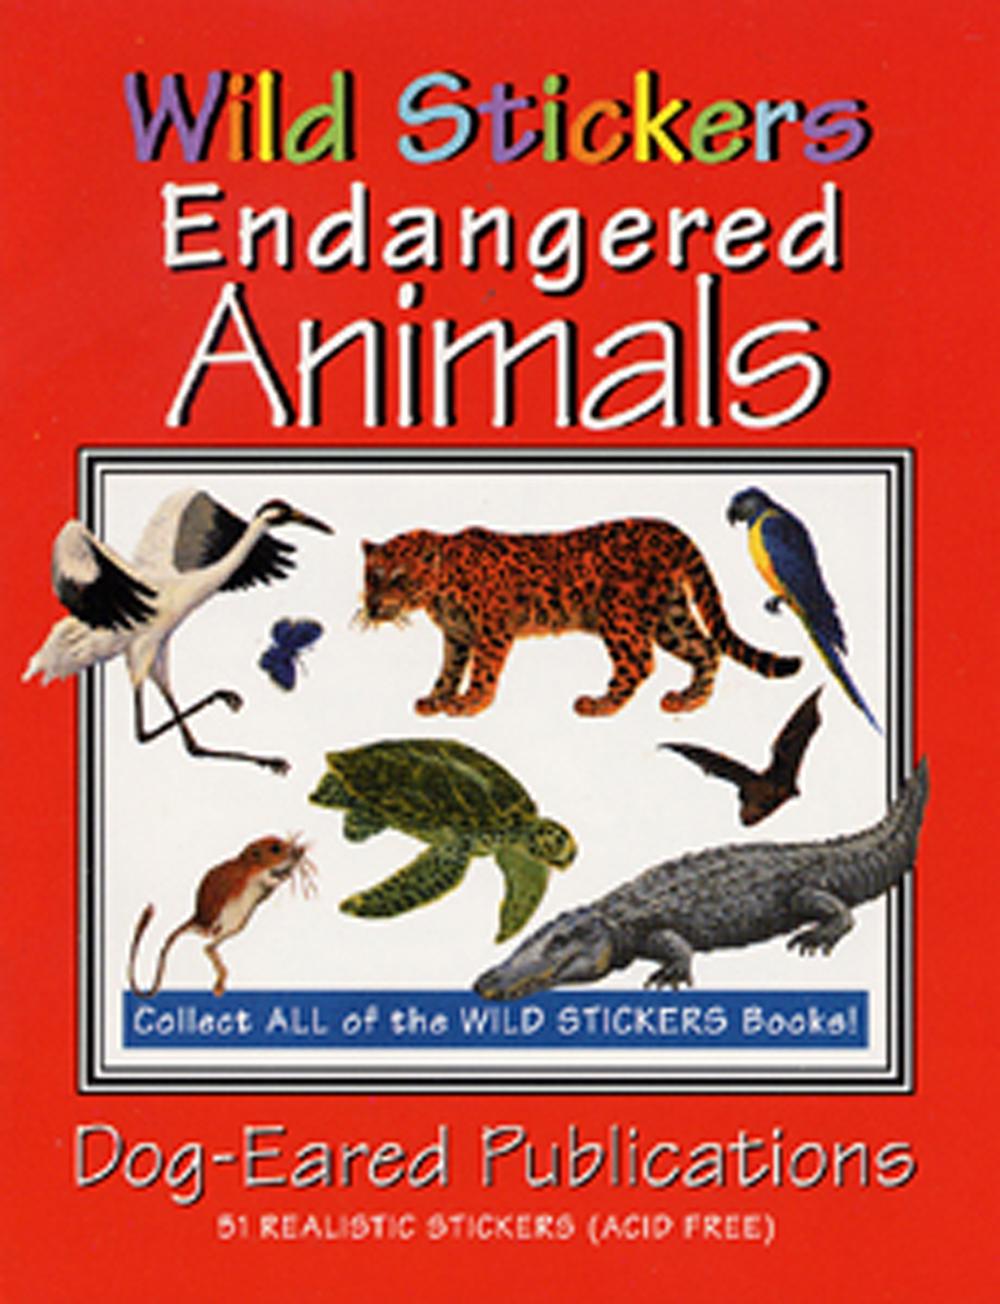 Endangered Animals (Wild Stickers Series)